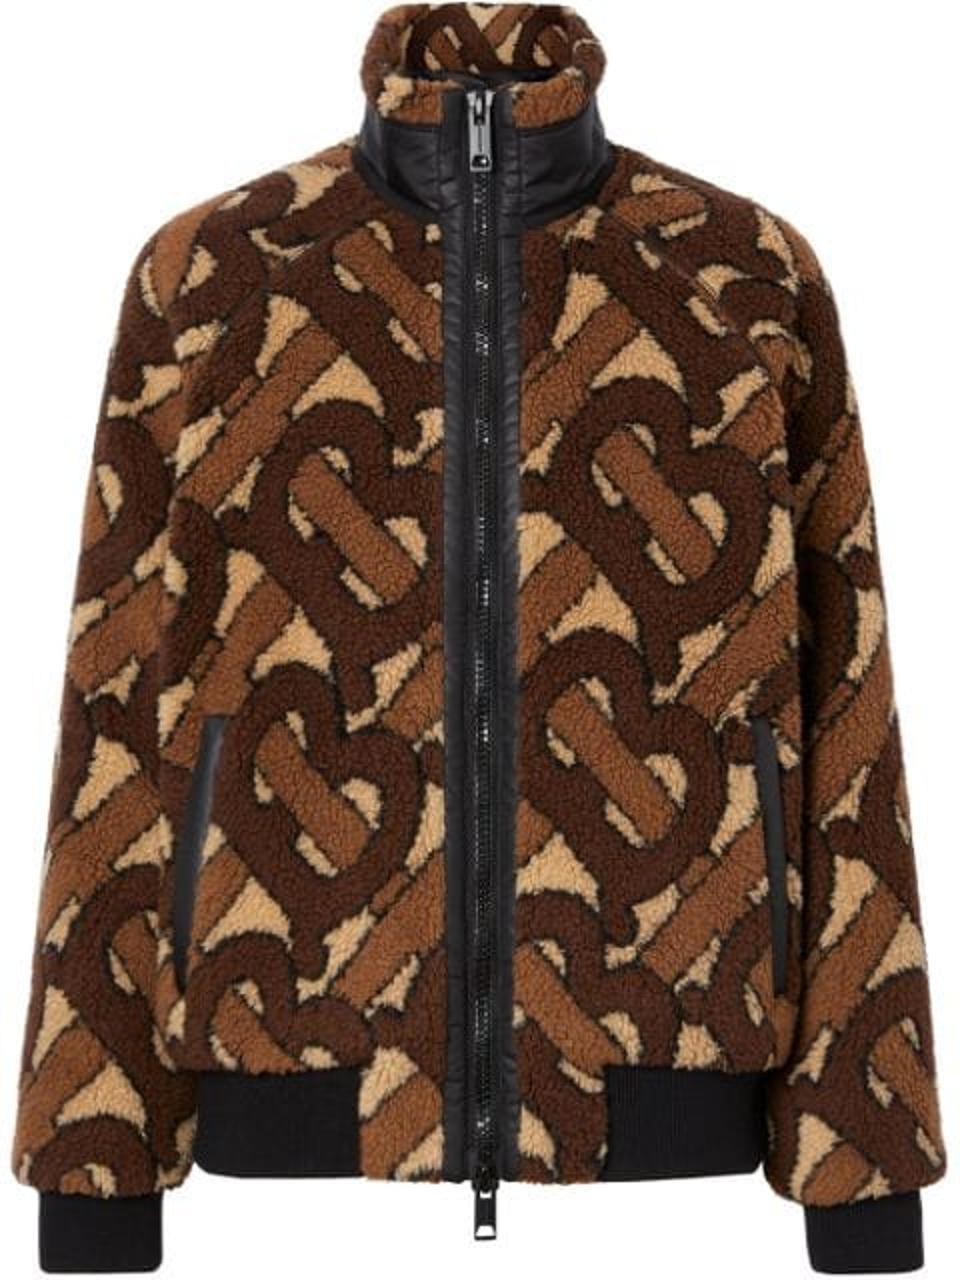 Burberry Lambeth Monogram Fleece Jacket